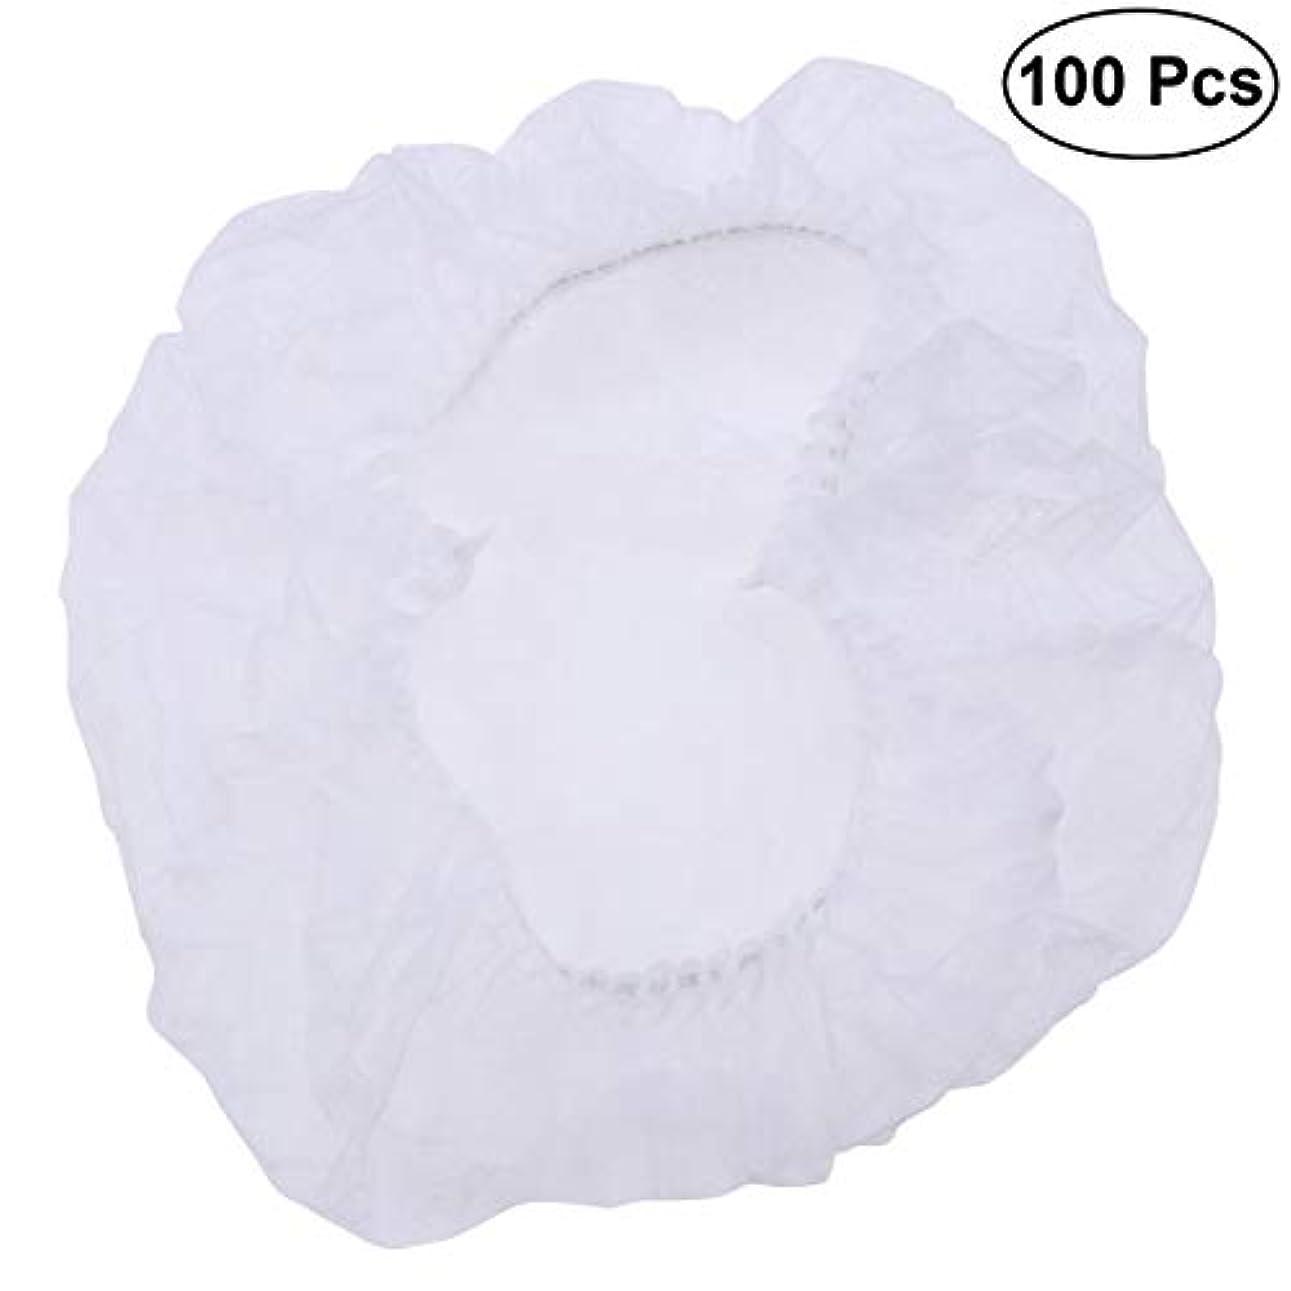 段階浮浪者キッチンSUPVOX ヘアサロンの家のホテル100pcsのための使い捨て可能なシャワーキャップの伸縮性がある毛の帽子